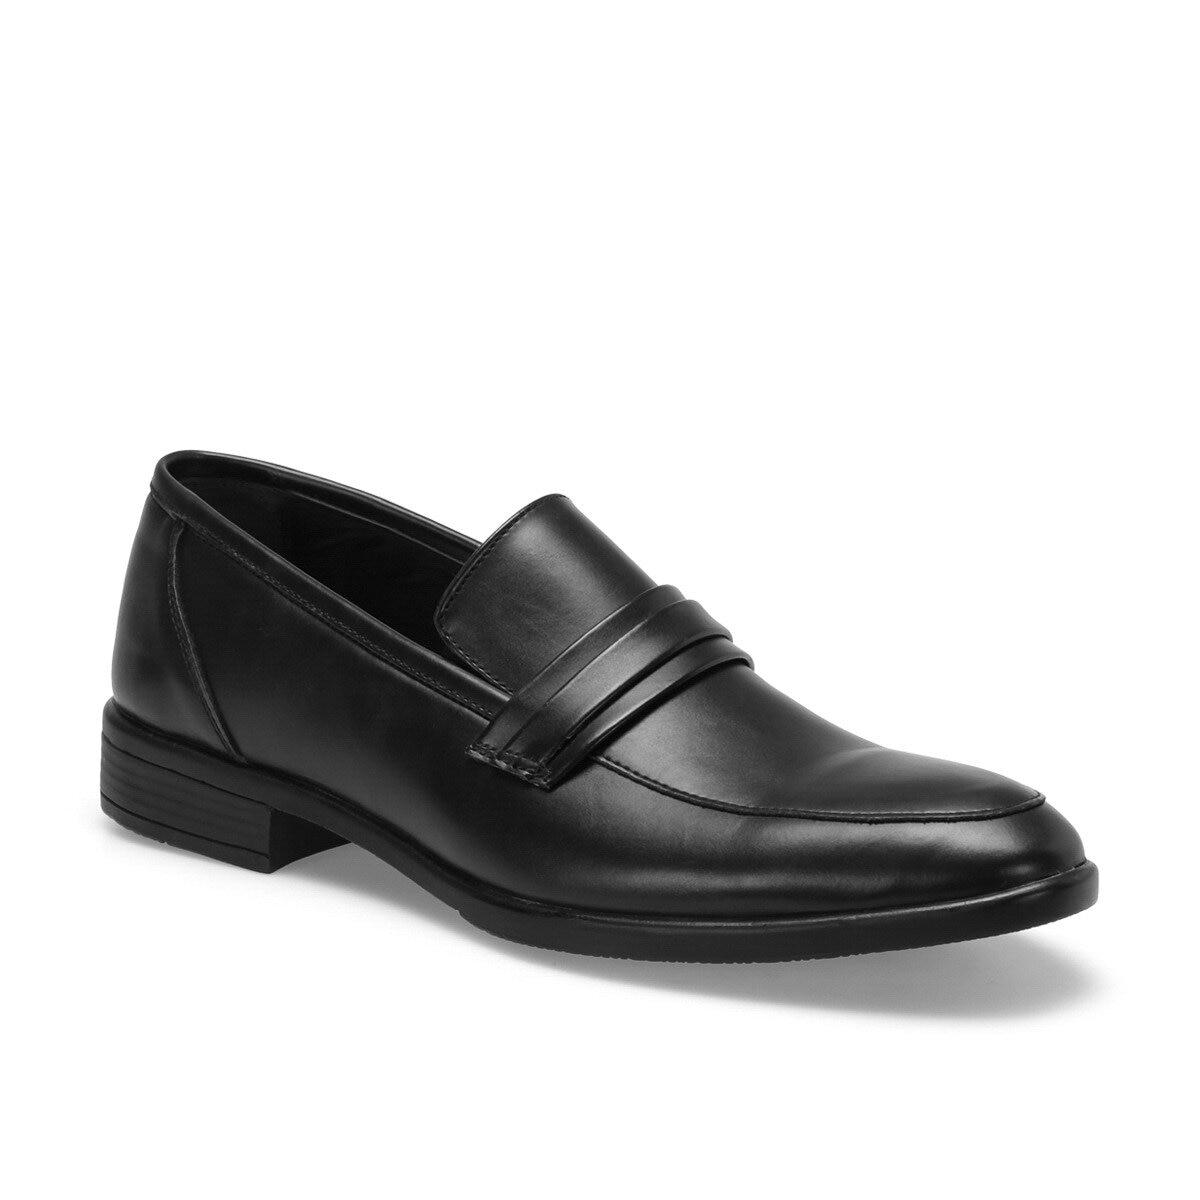 FLO 115 C negro mocasín para hombres de la ciudad